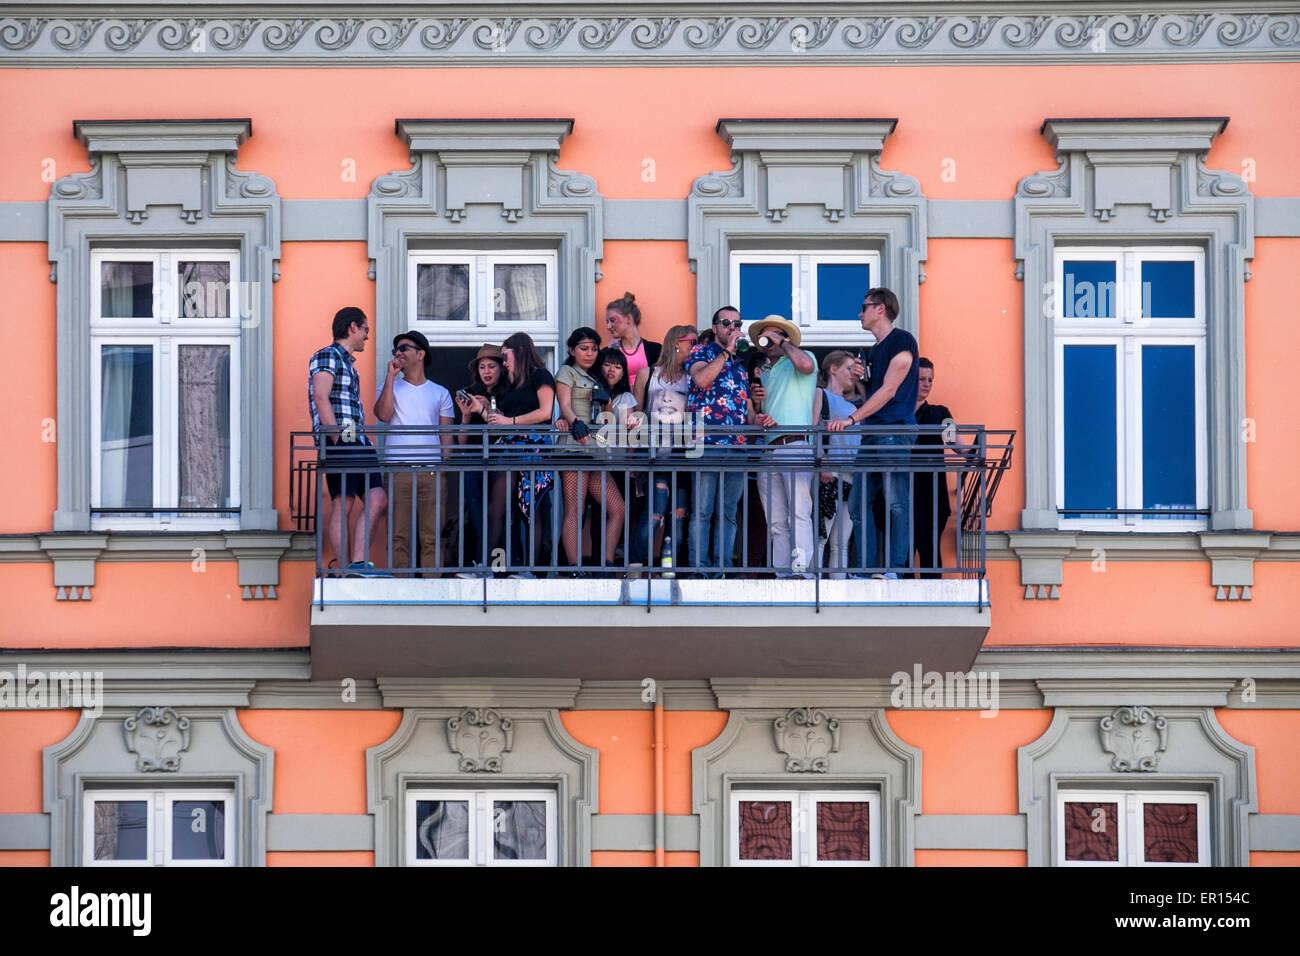 Kreuzberg, Berlin, Deutschland, 24. Mai 2015. Die Menschen sehen den Karneval der Kulturen auf ihrem Balkon am Hermannplatz. Stockbild